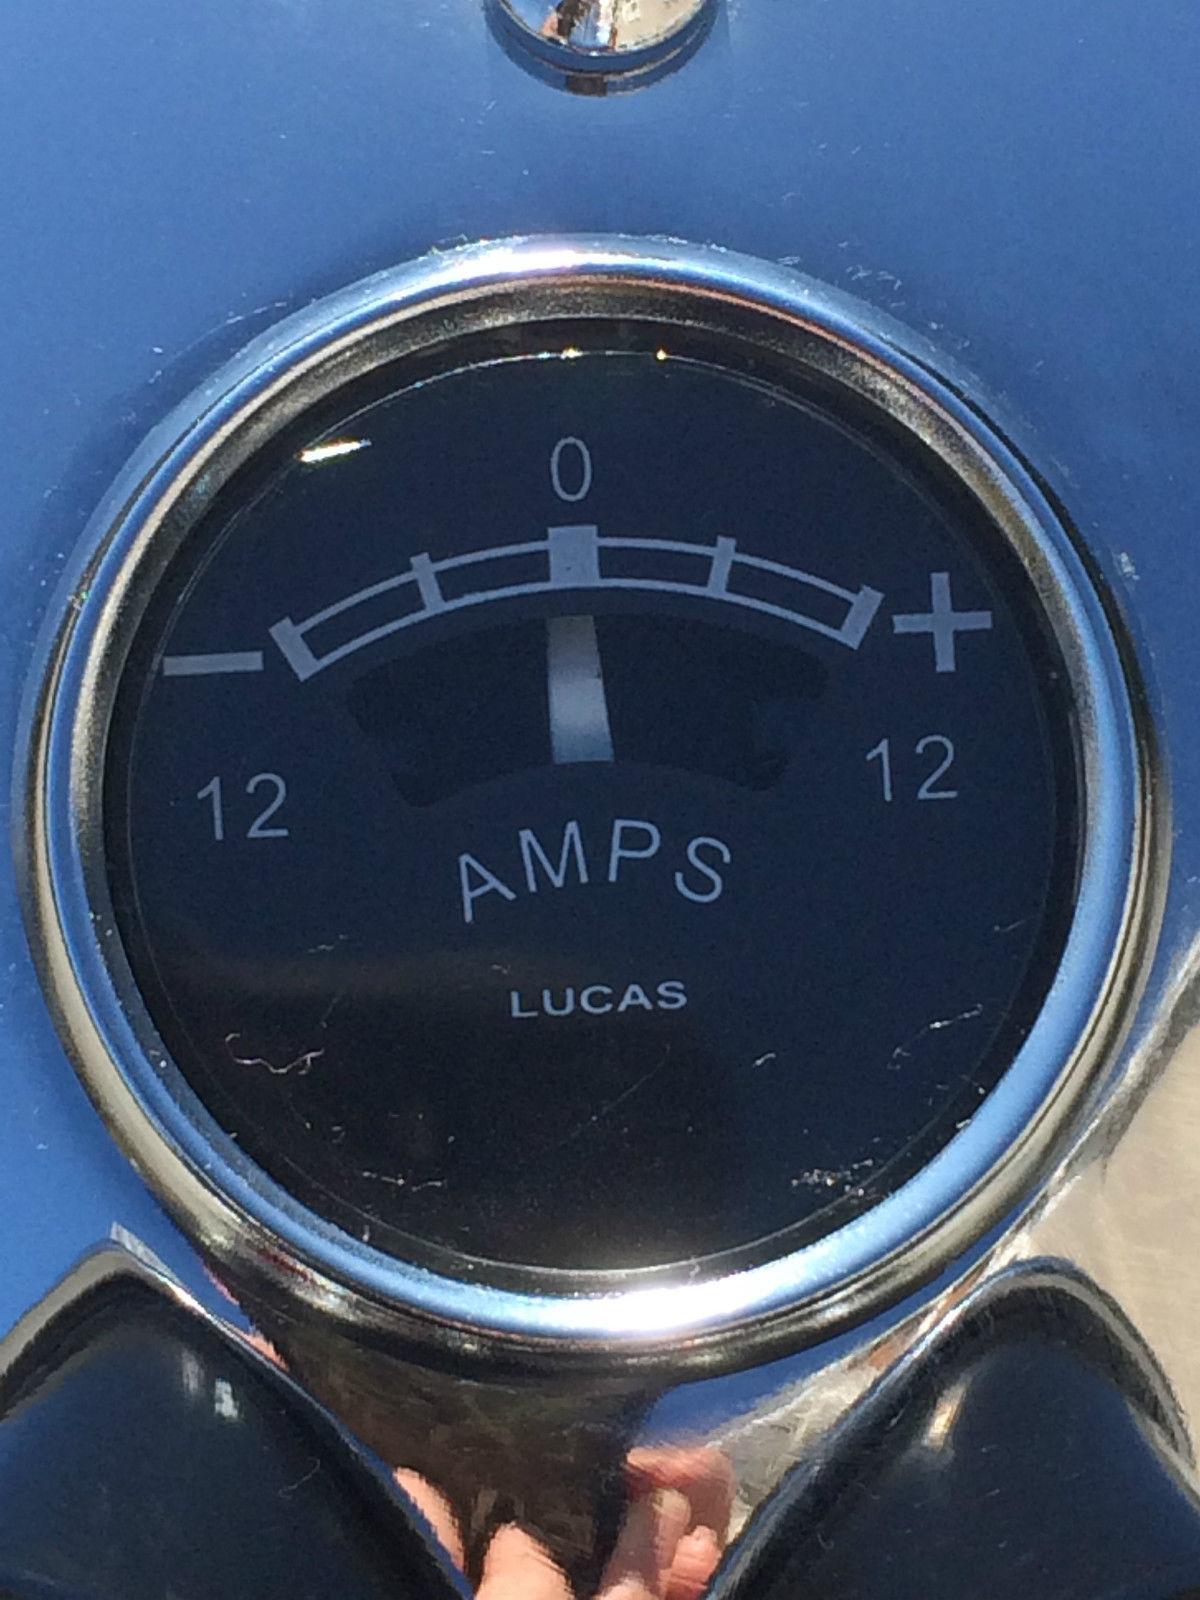 Triumph Bonneville - 1964 - Original Ammeter.